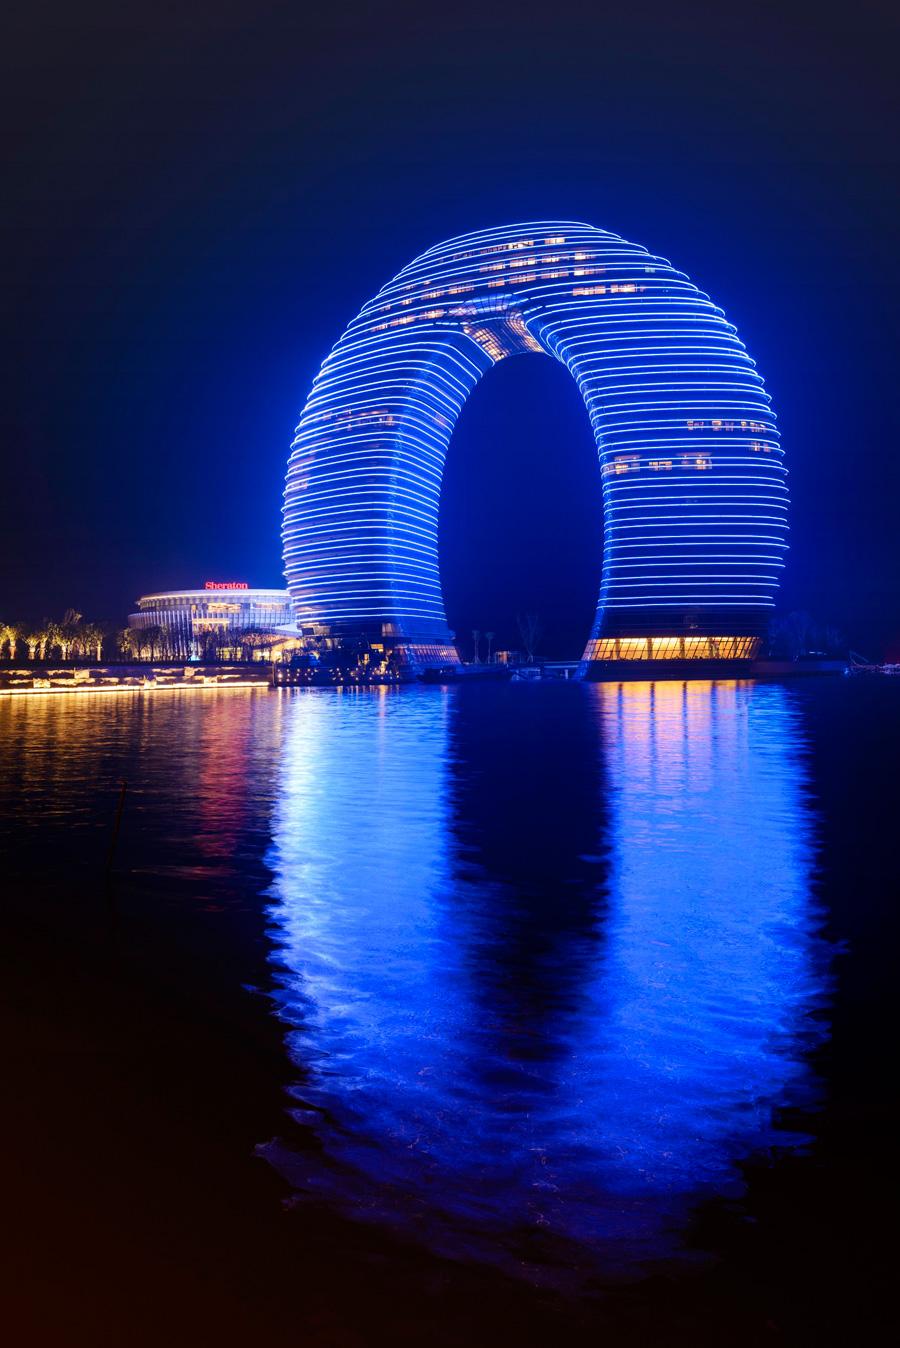 15 Стоимость : $1,500,000,000 Город : Хучжоу (Китай) Высота : 102 метра Этажи : 163 Построен : 2013